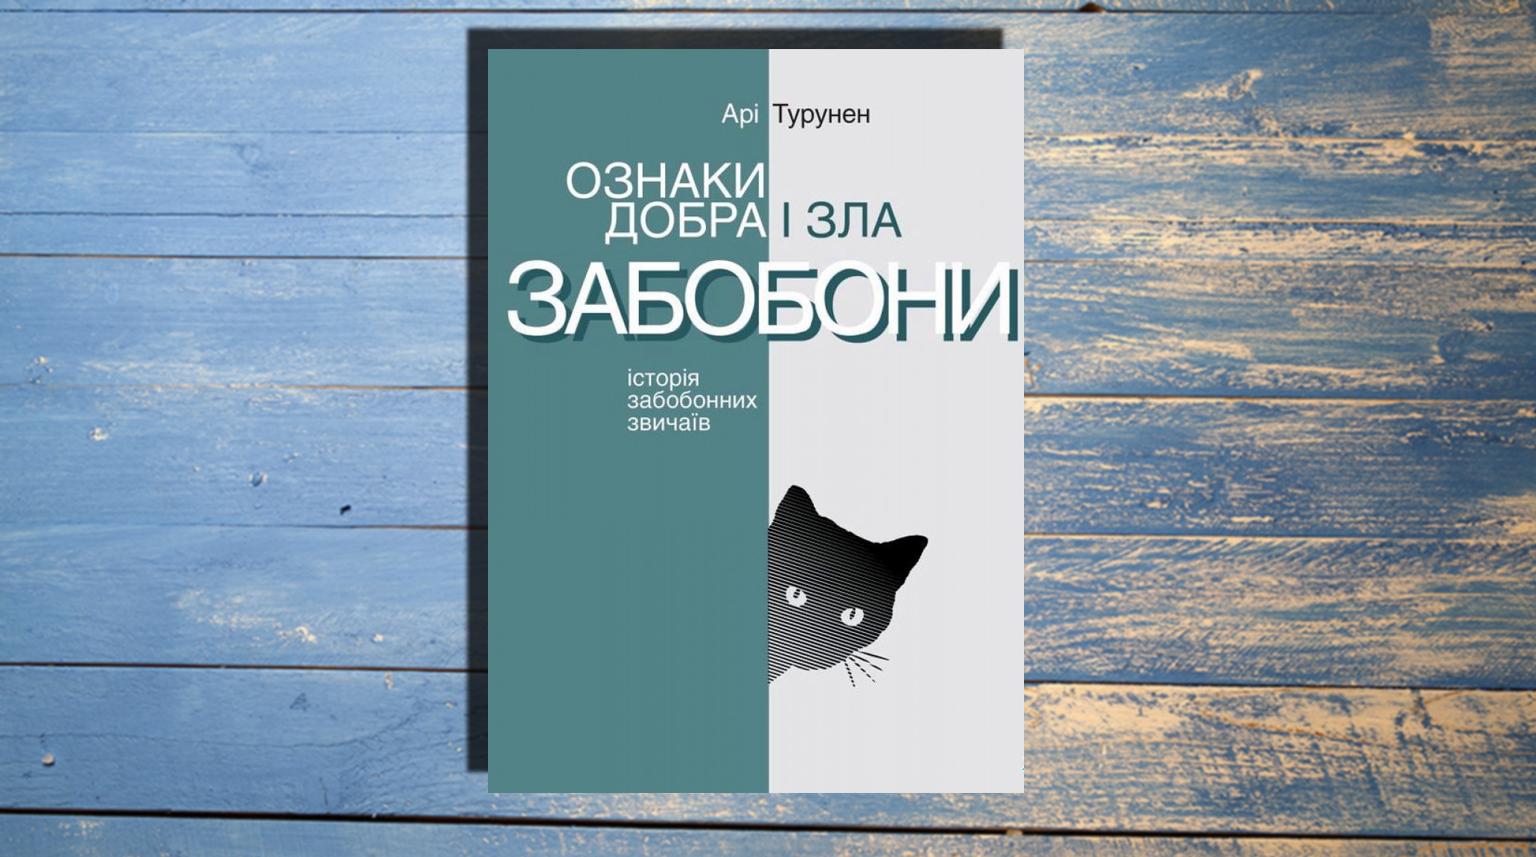 Книга, Ознаки добра і зла, Арі Турунен, 9786177654338